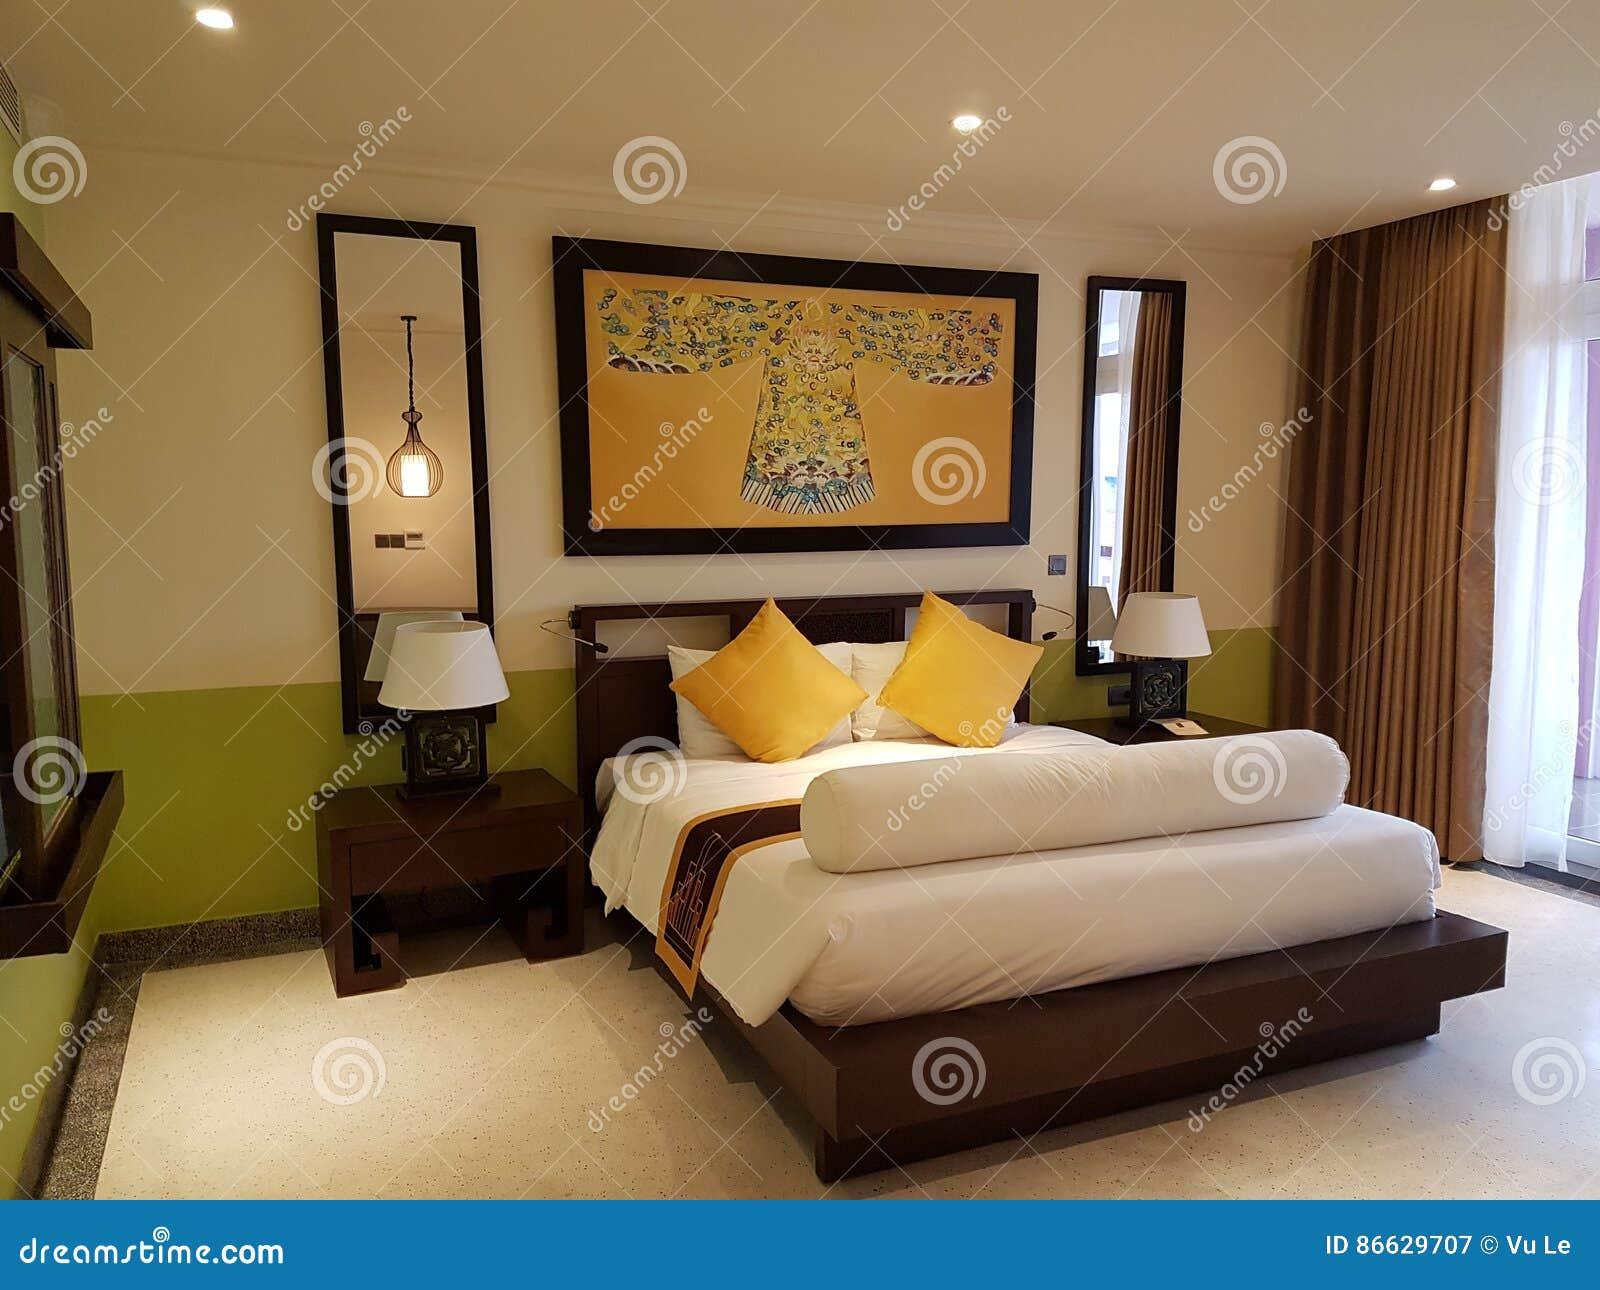 Konigliches Schlafzimmer Stockbild Bild Von Fenster 86629707